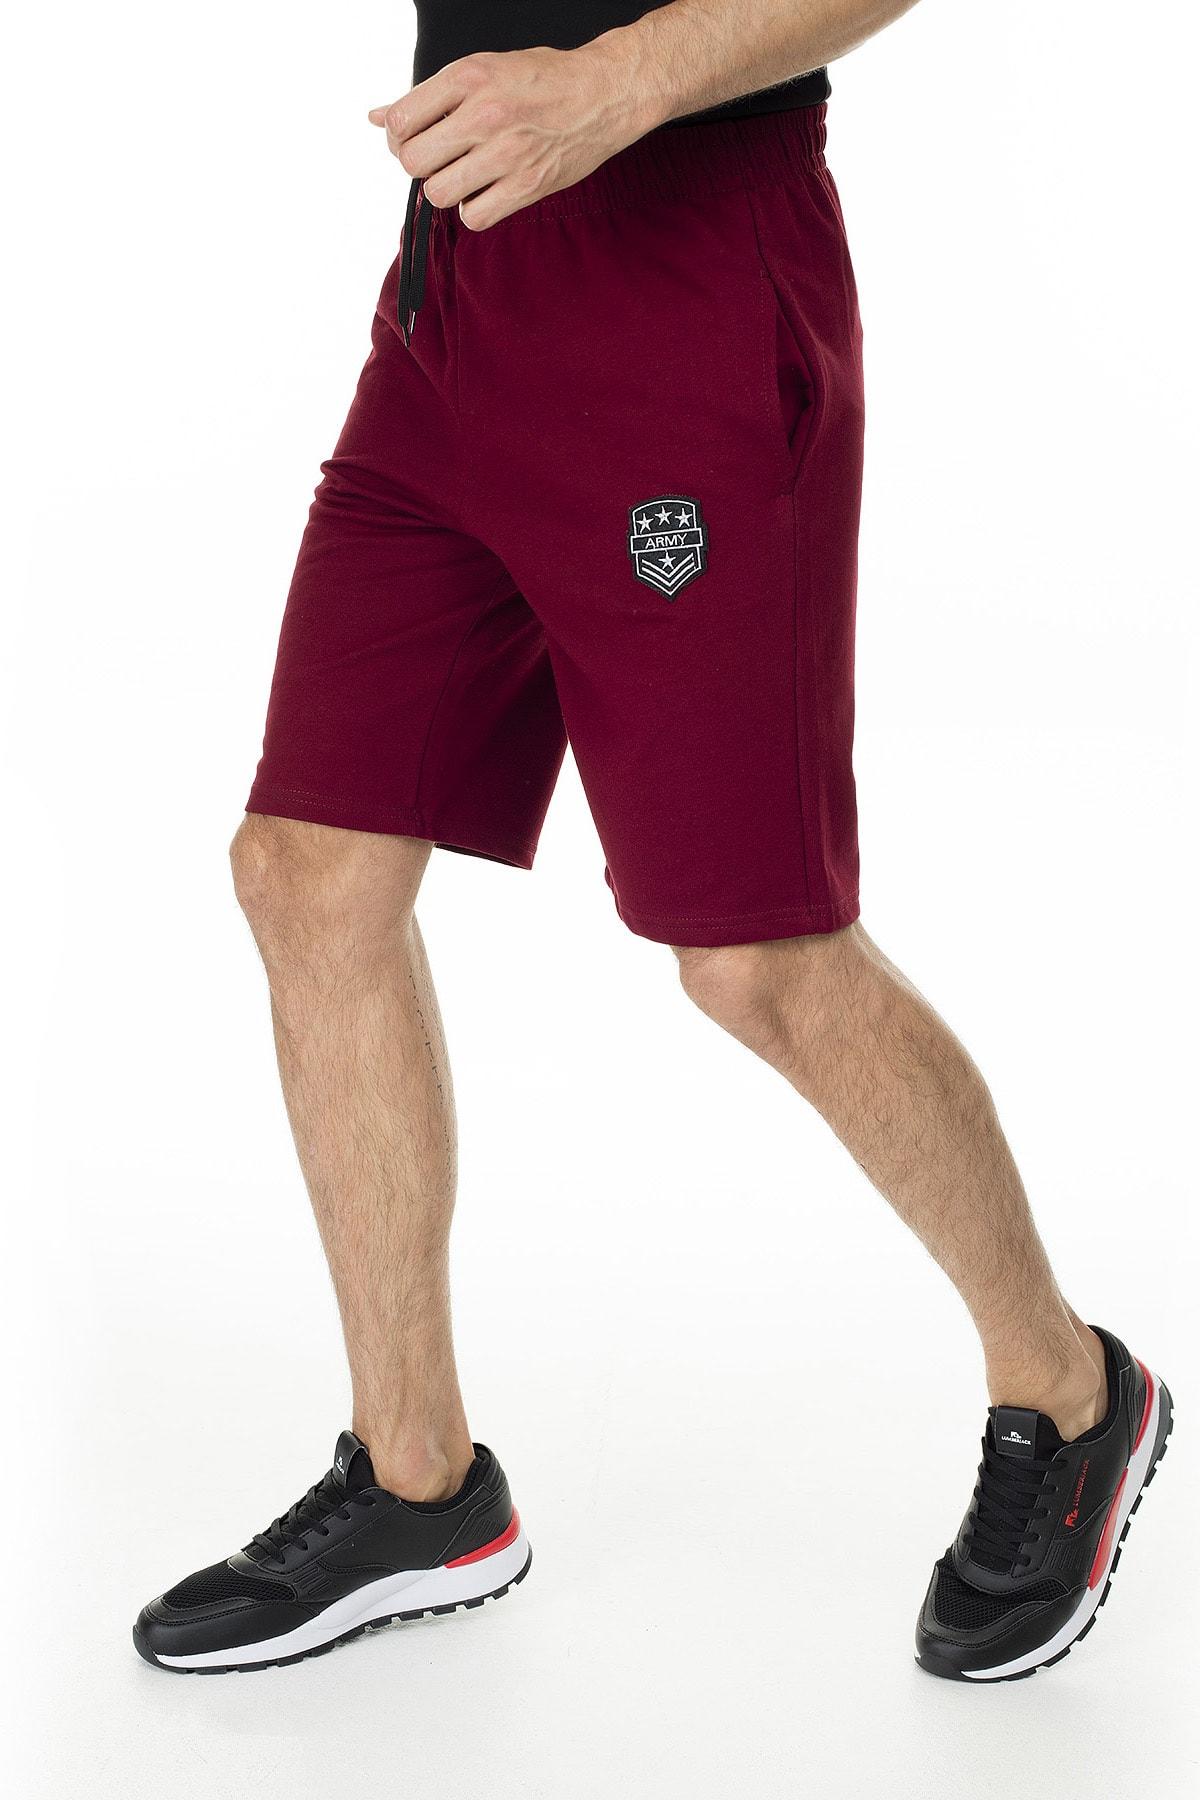 Buratti Erkek Gri Belden Bağlama Elastik Slim Fit Short Büyük Beden Seçeneğiyle 1592003 1